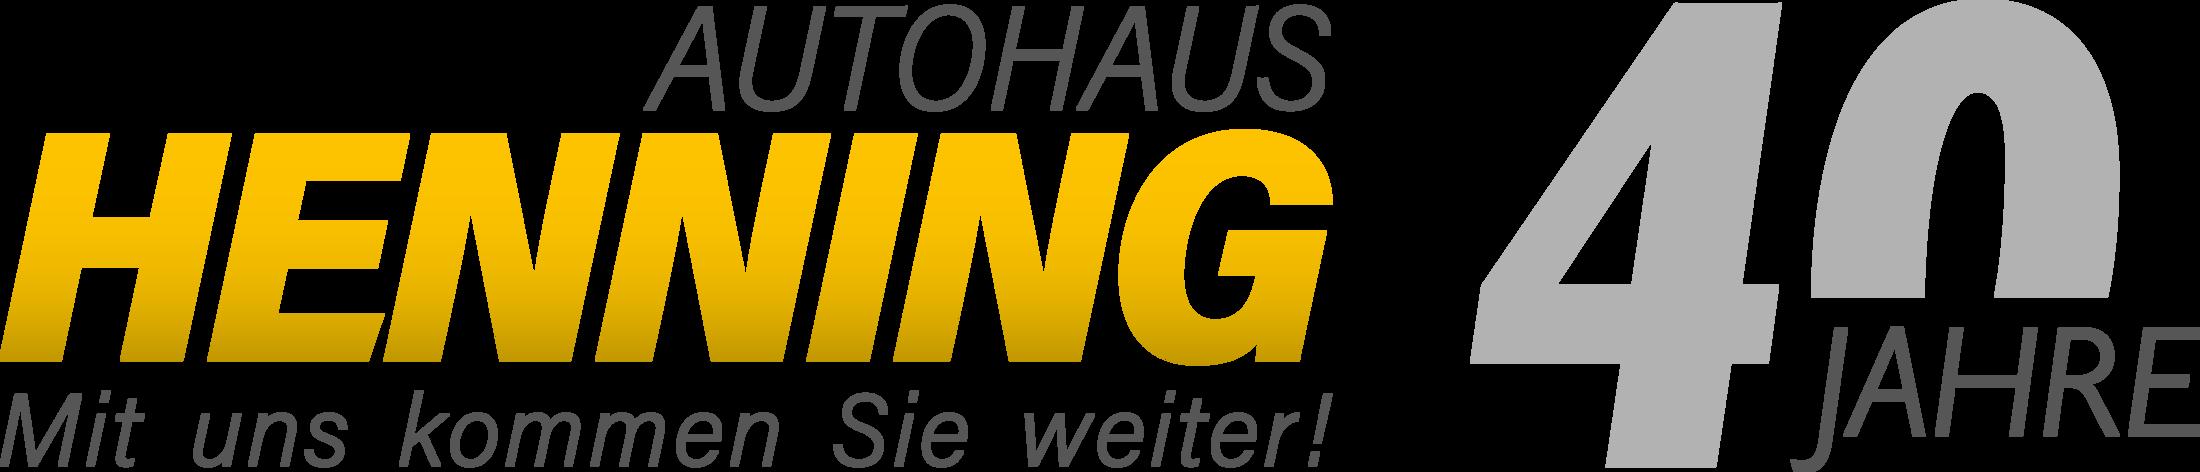 Autohaus Henning GmbH